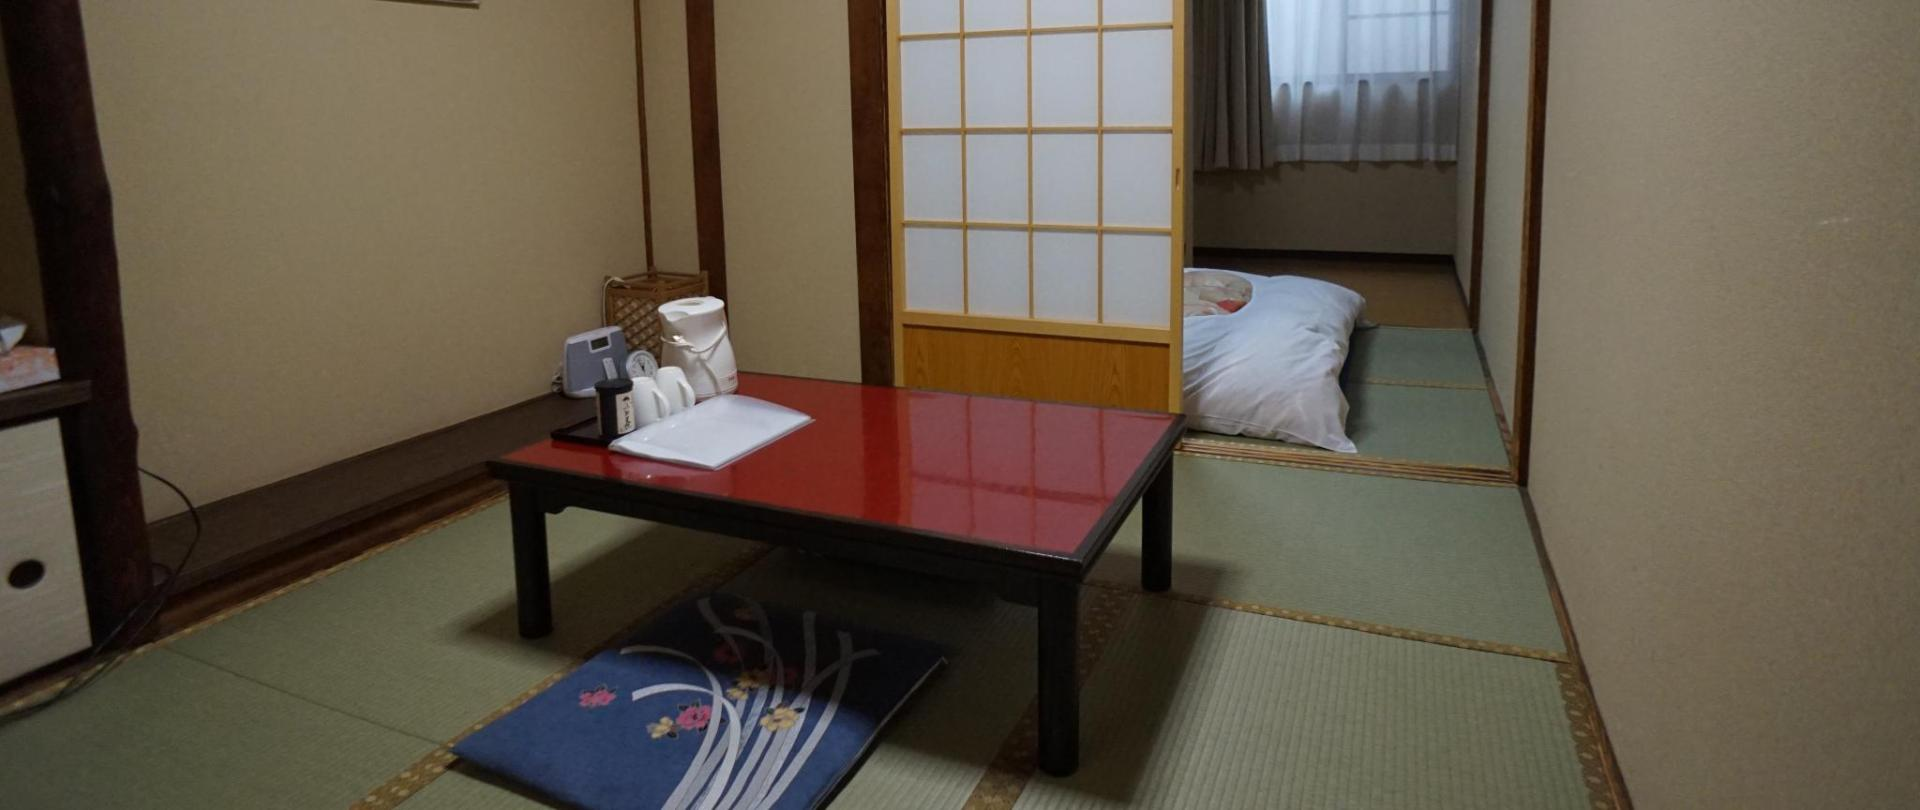 Ryokan Katsutaro.jpg